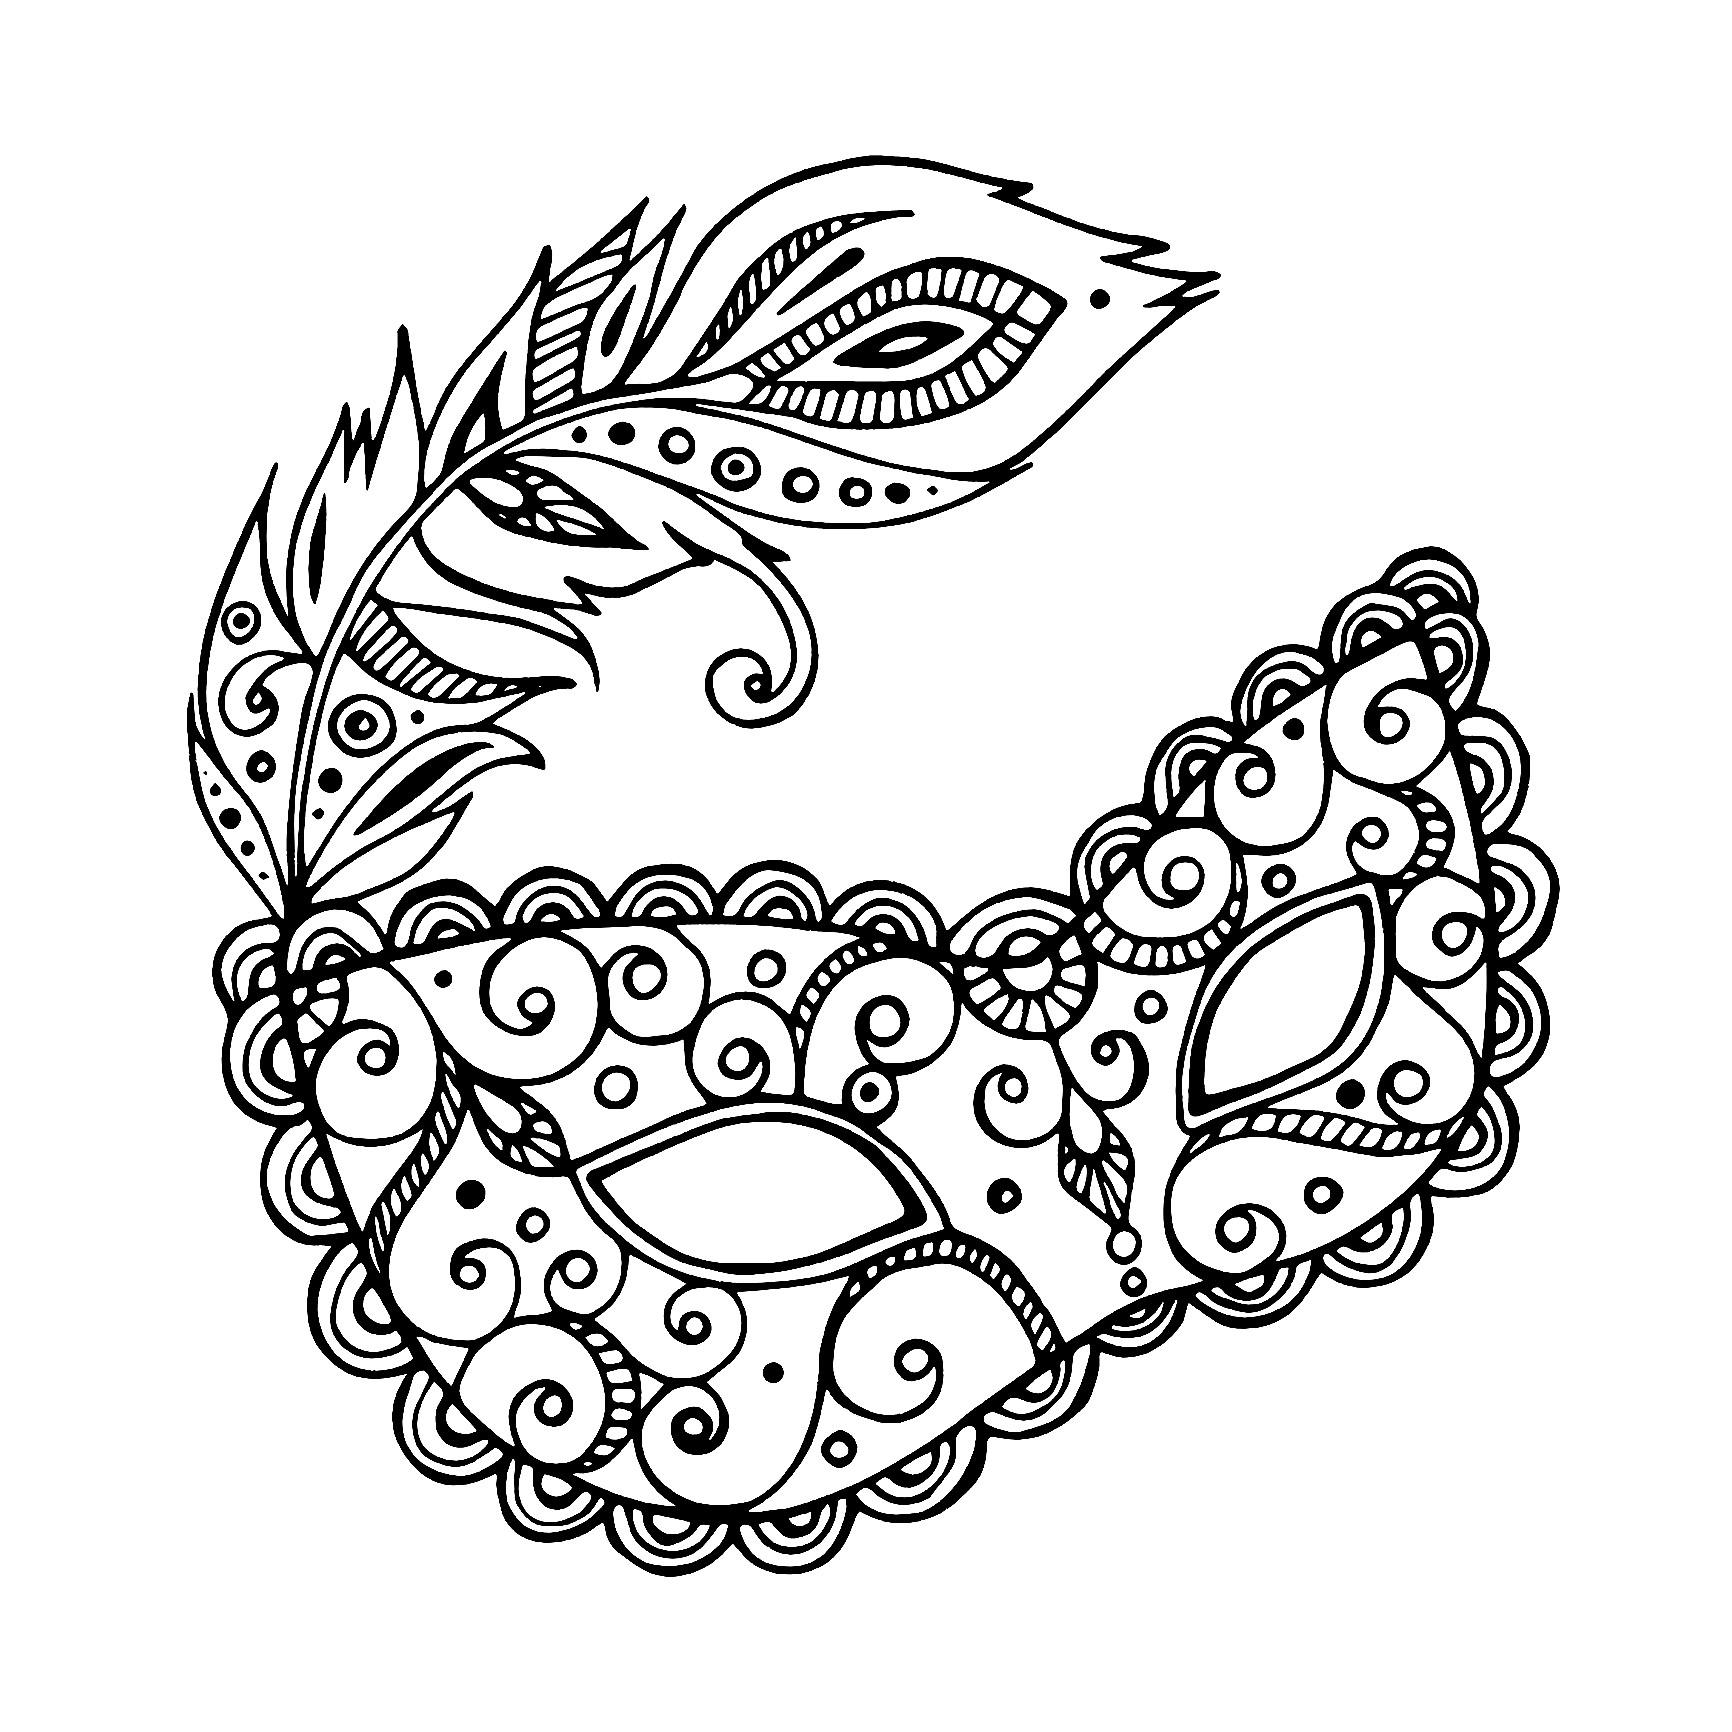 Masque Carnaval Simple - Carnaval - Coloriages Difficiles concernant Coloriage De Carnaval A Imprimer Gratuit